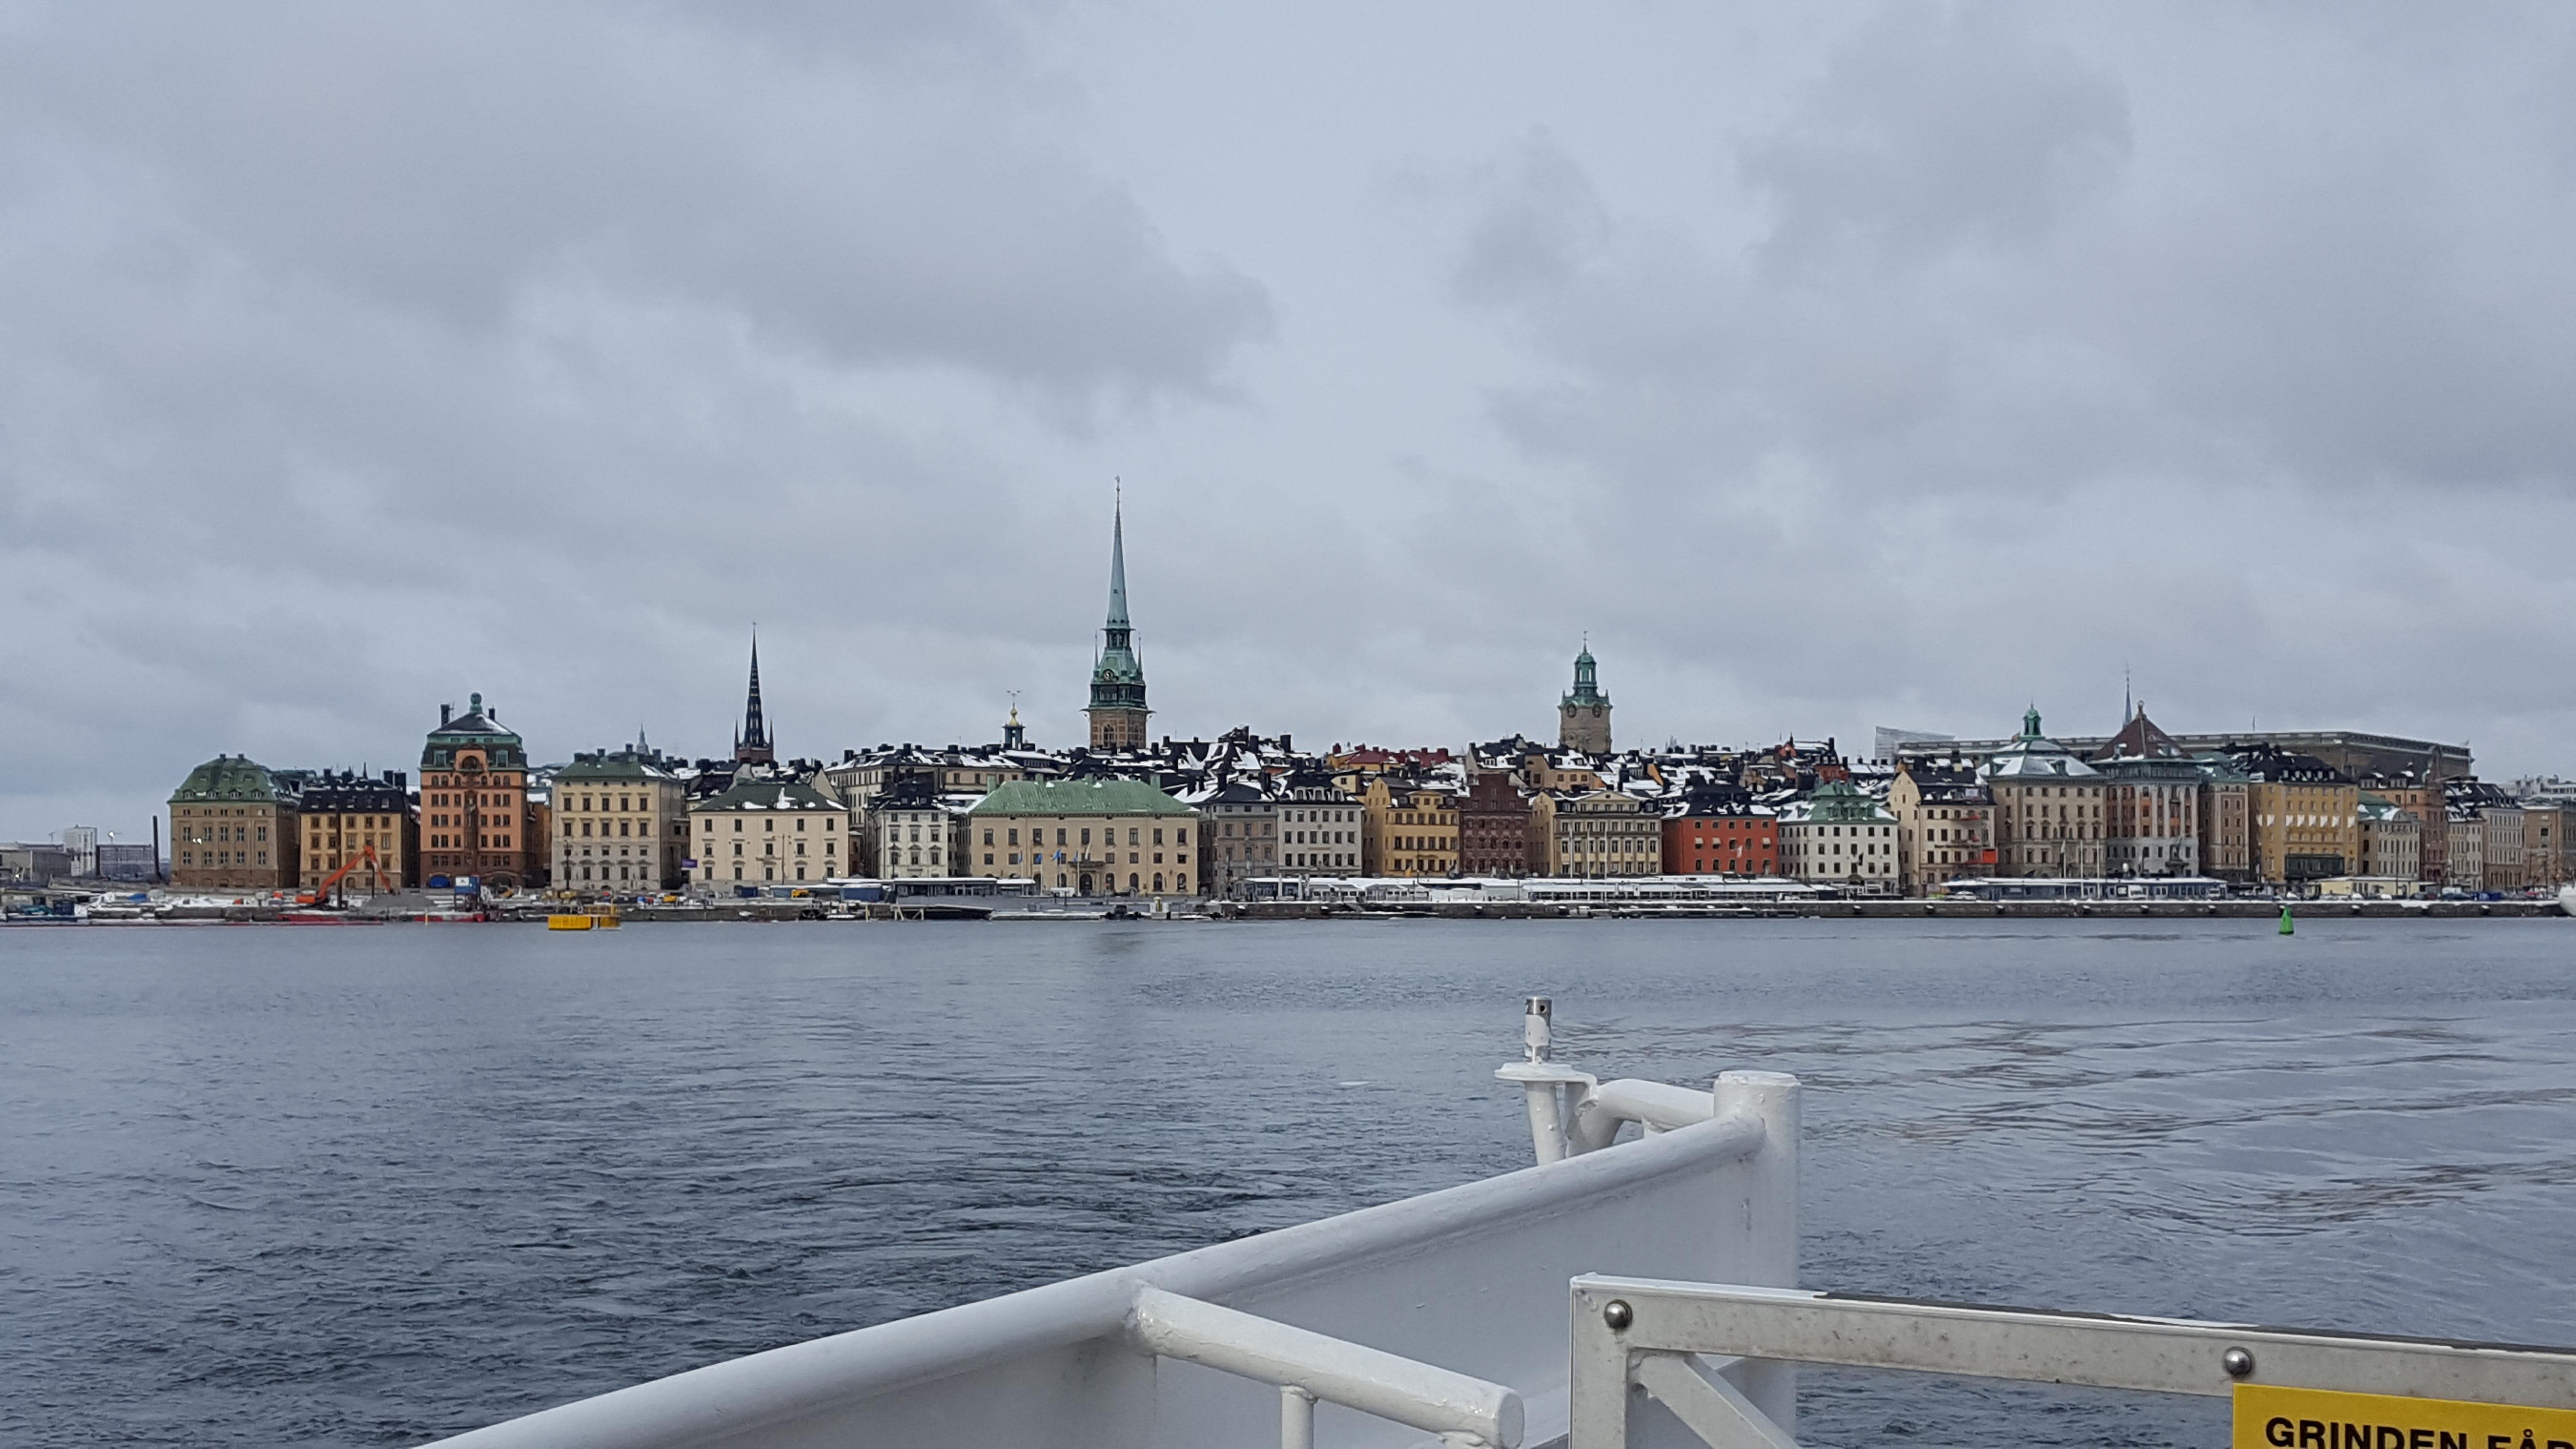 Ride on the Djurgården ferry | Visit Stockholm Visit stockholm in the winter dontask4salt